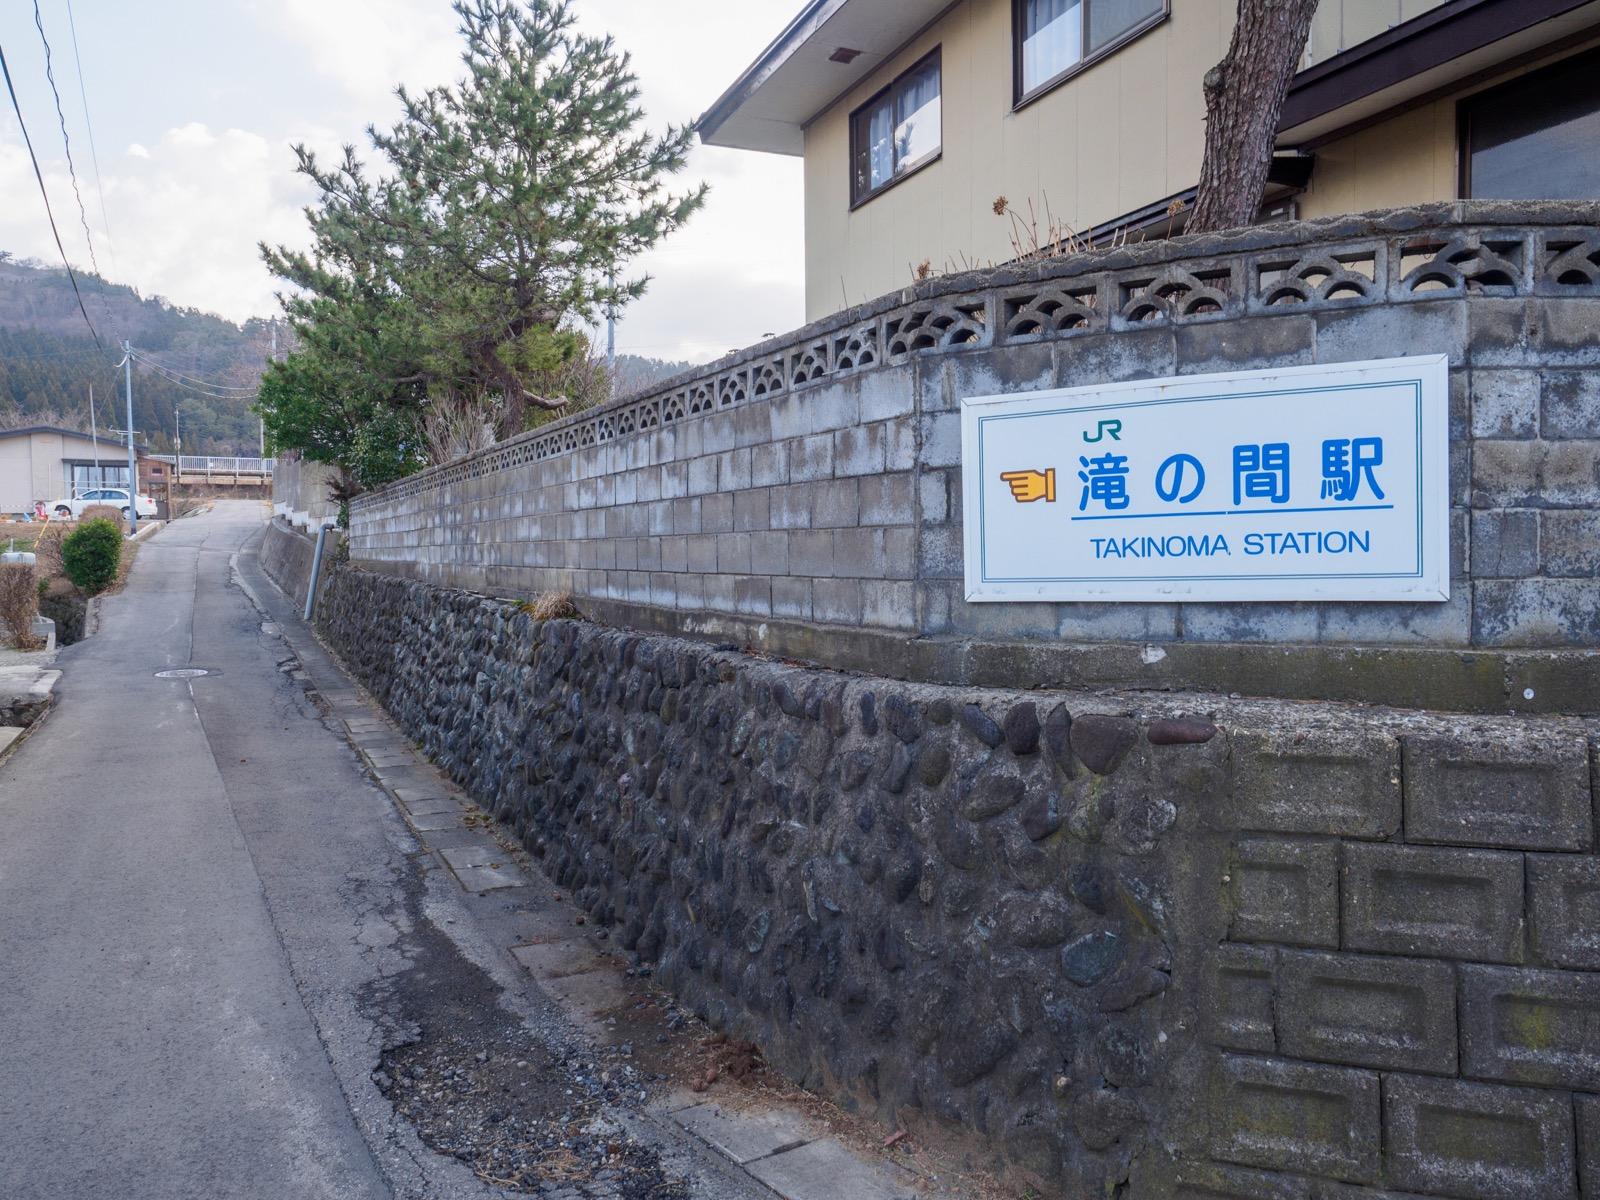 滝ノ間駅へと続く道と看板